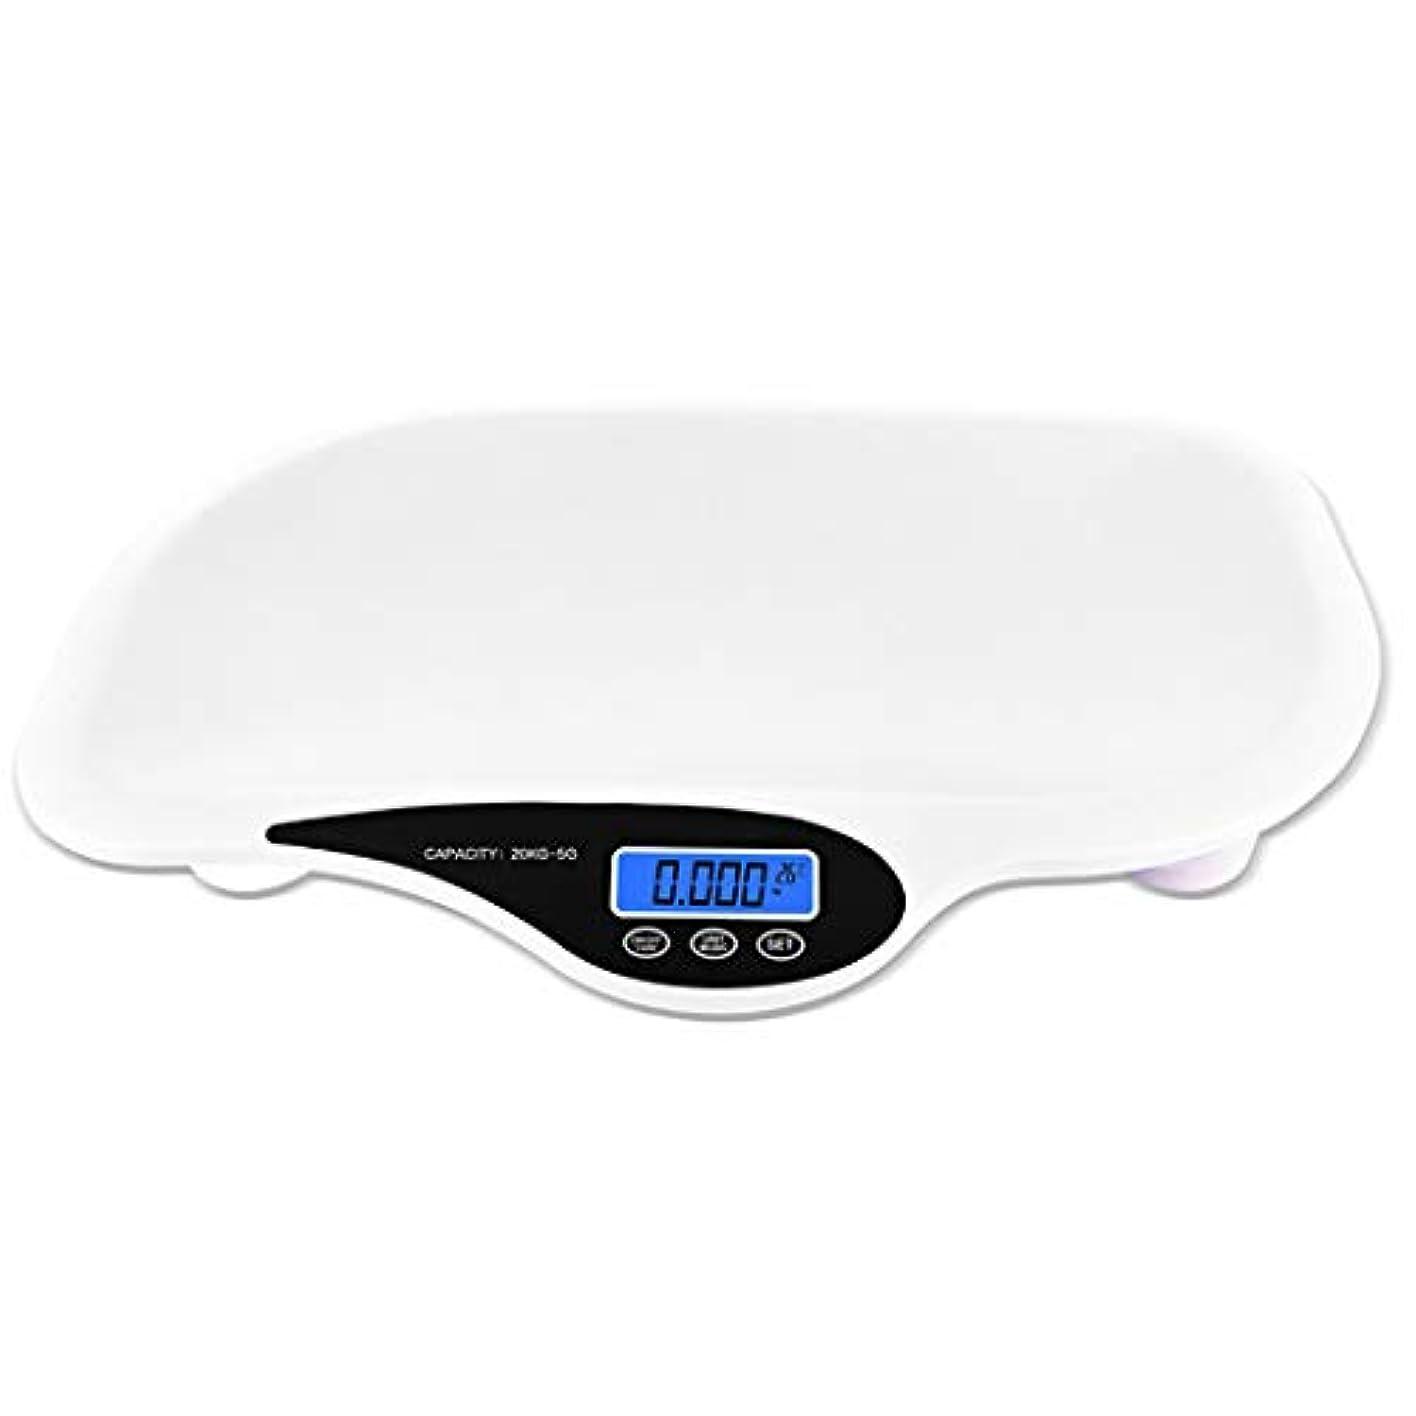 責める鍔遠足HSBAIS デジタル電子ベビースケール、多機能新生児体重計、最大容量20 kg / 44ポンド精密5 g,white